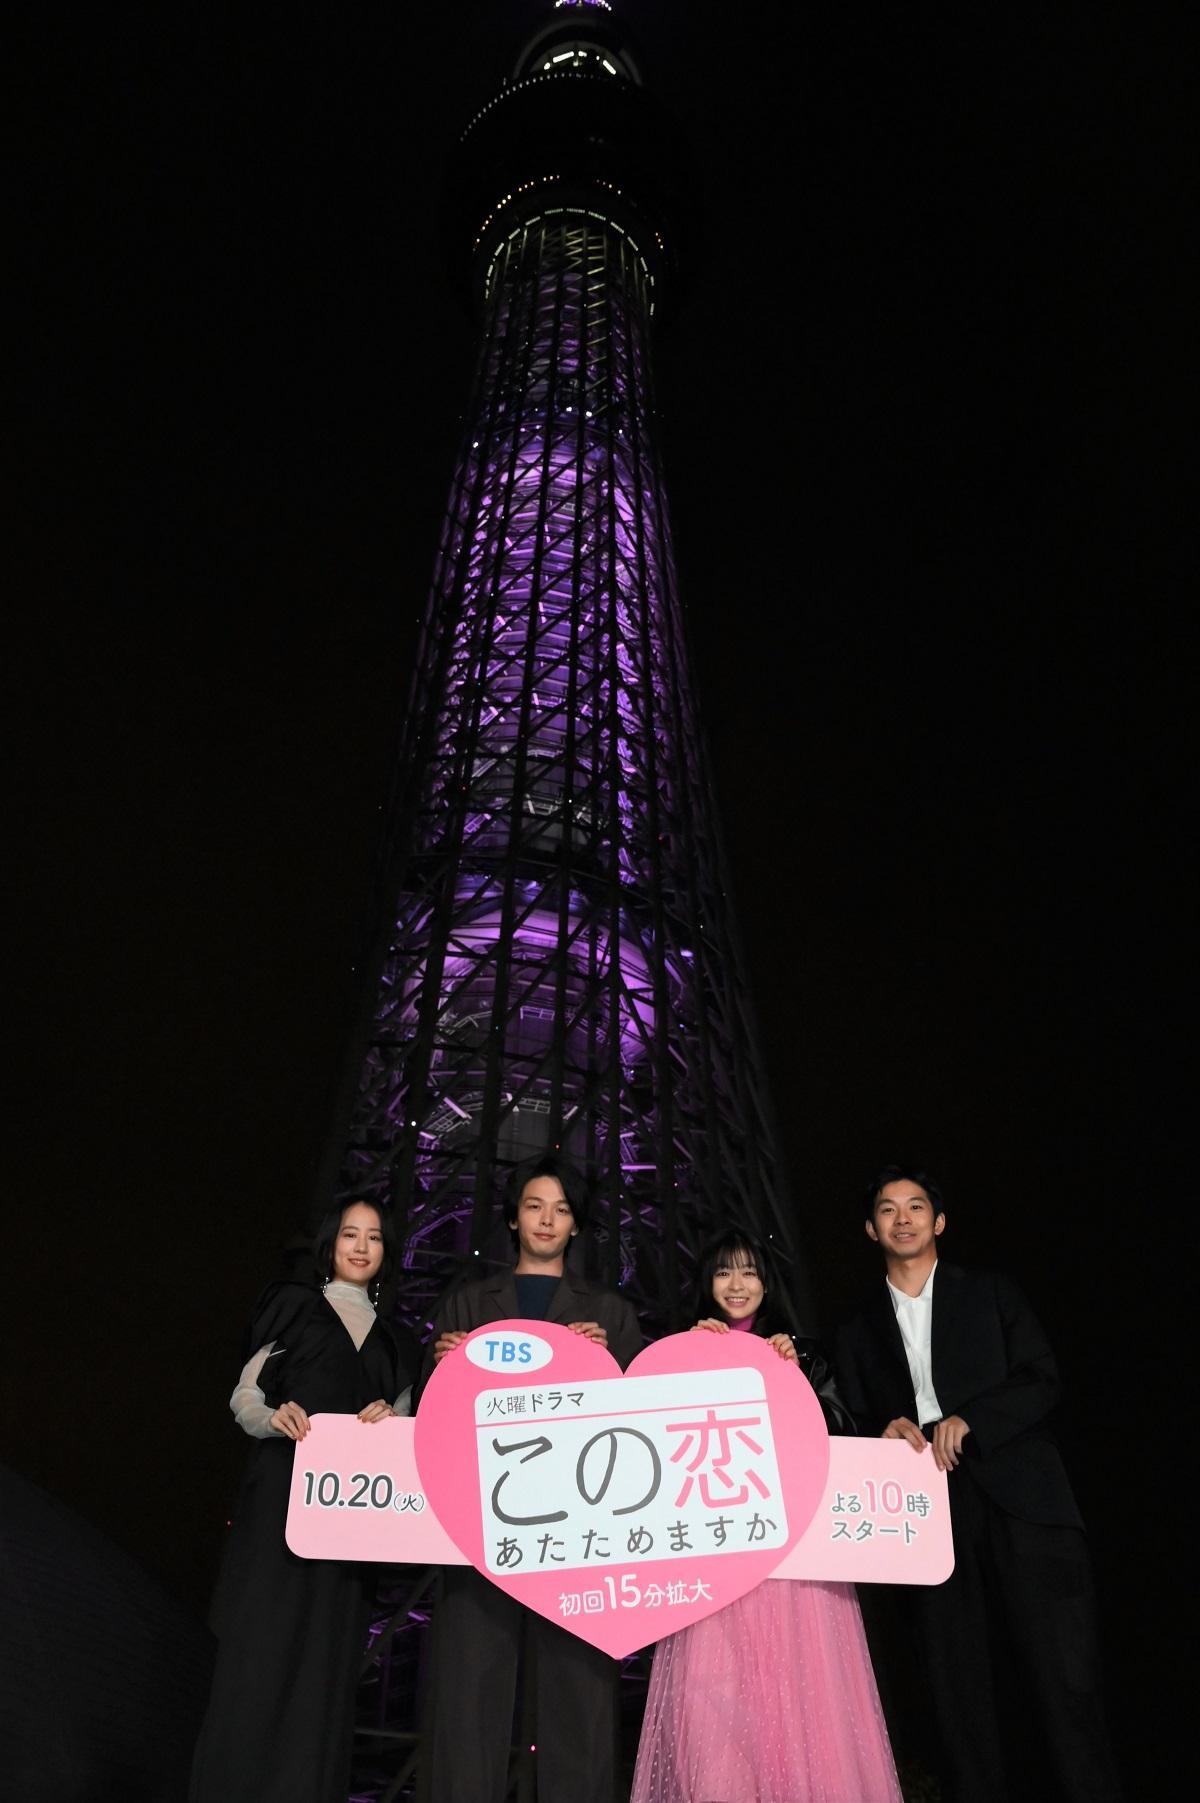 20201014_koiatakaiken_02.JPG